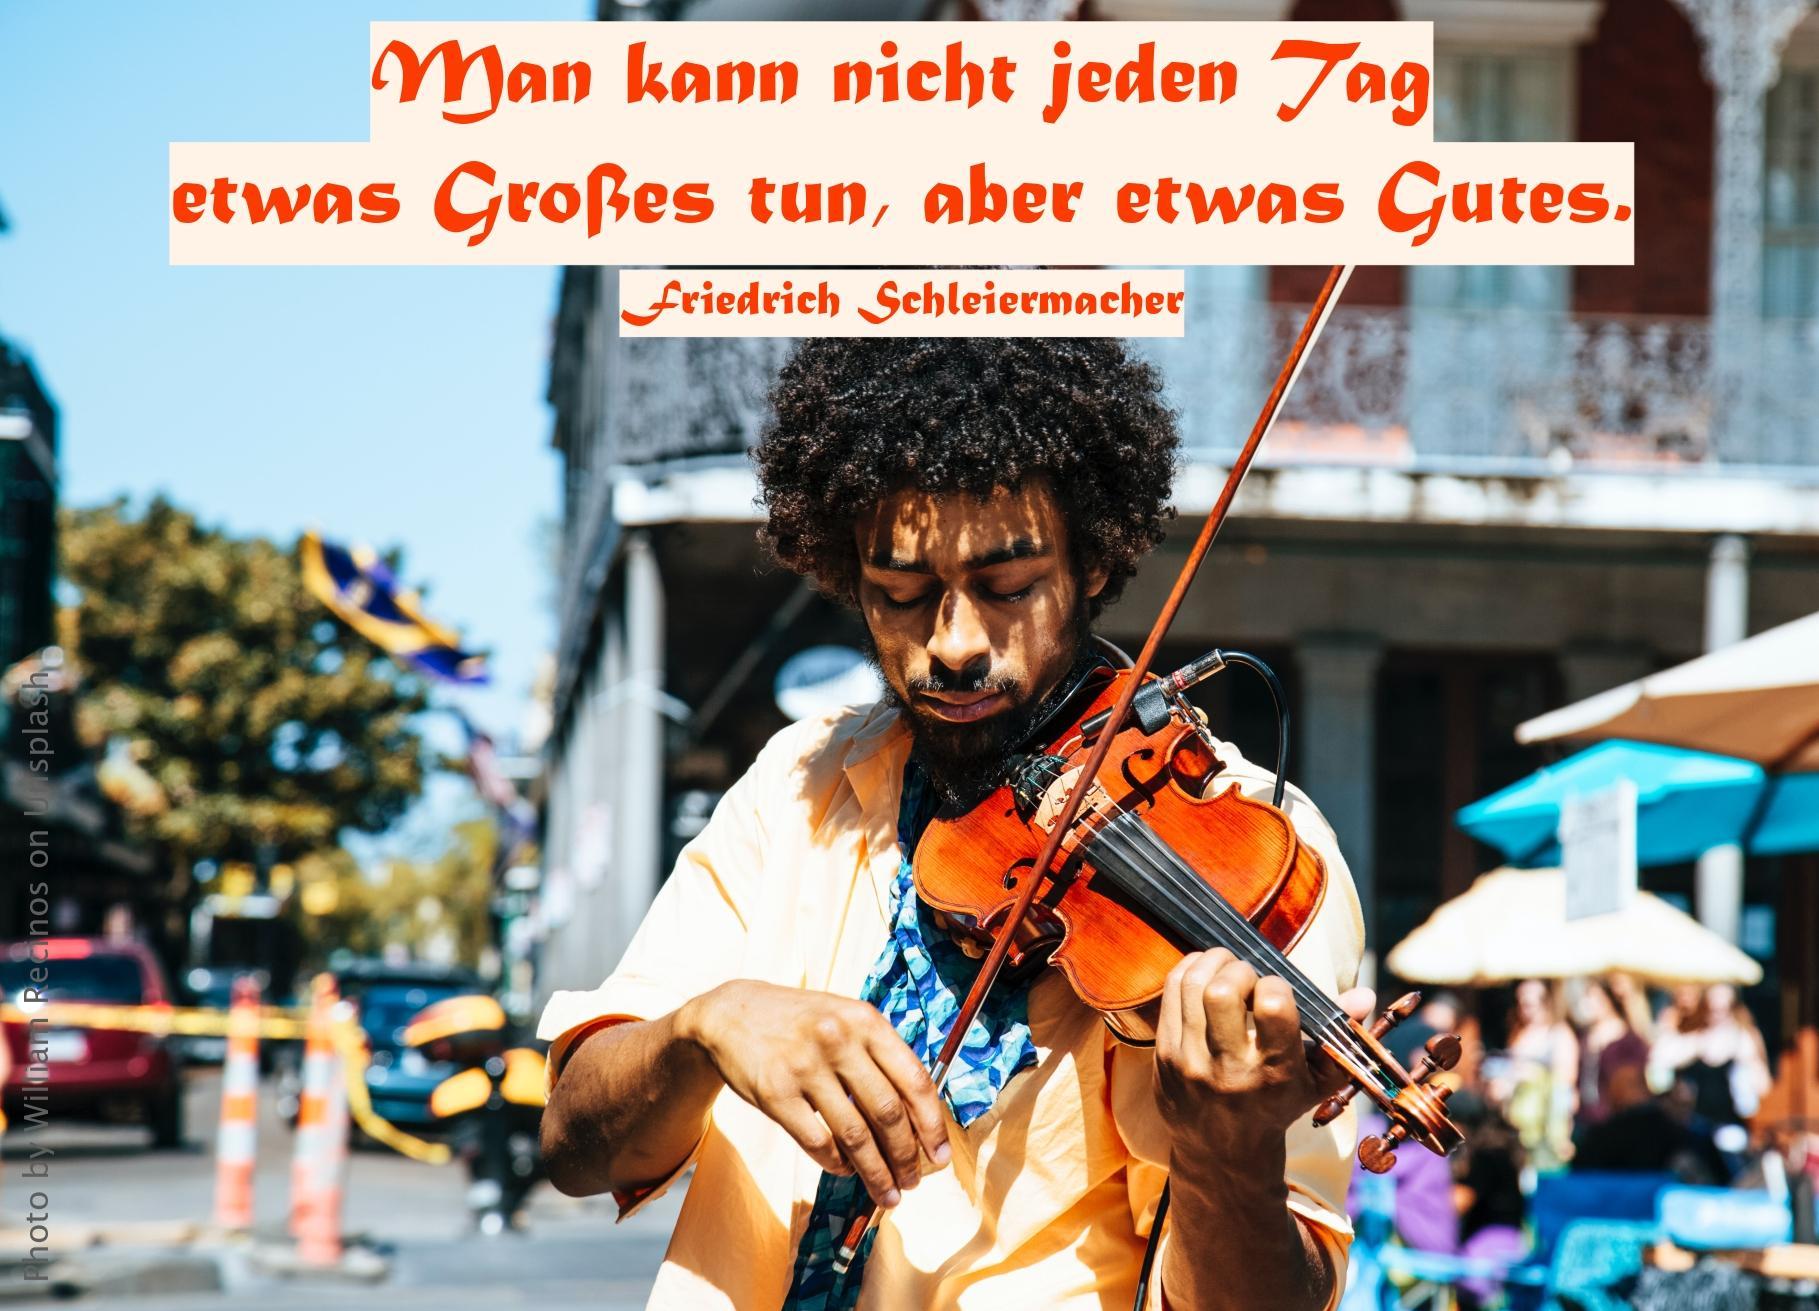 Mann spielt Geige in der Fussgängerzone